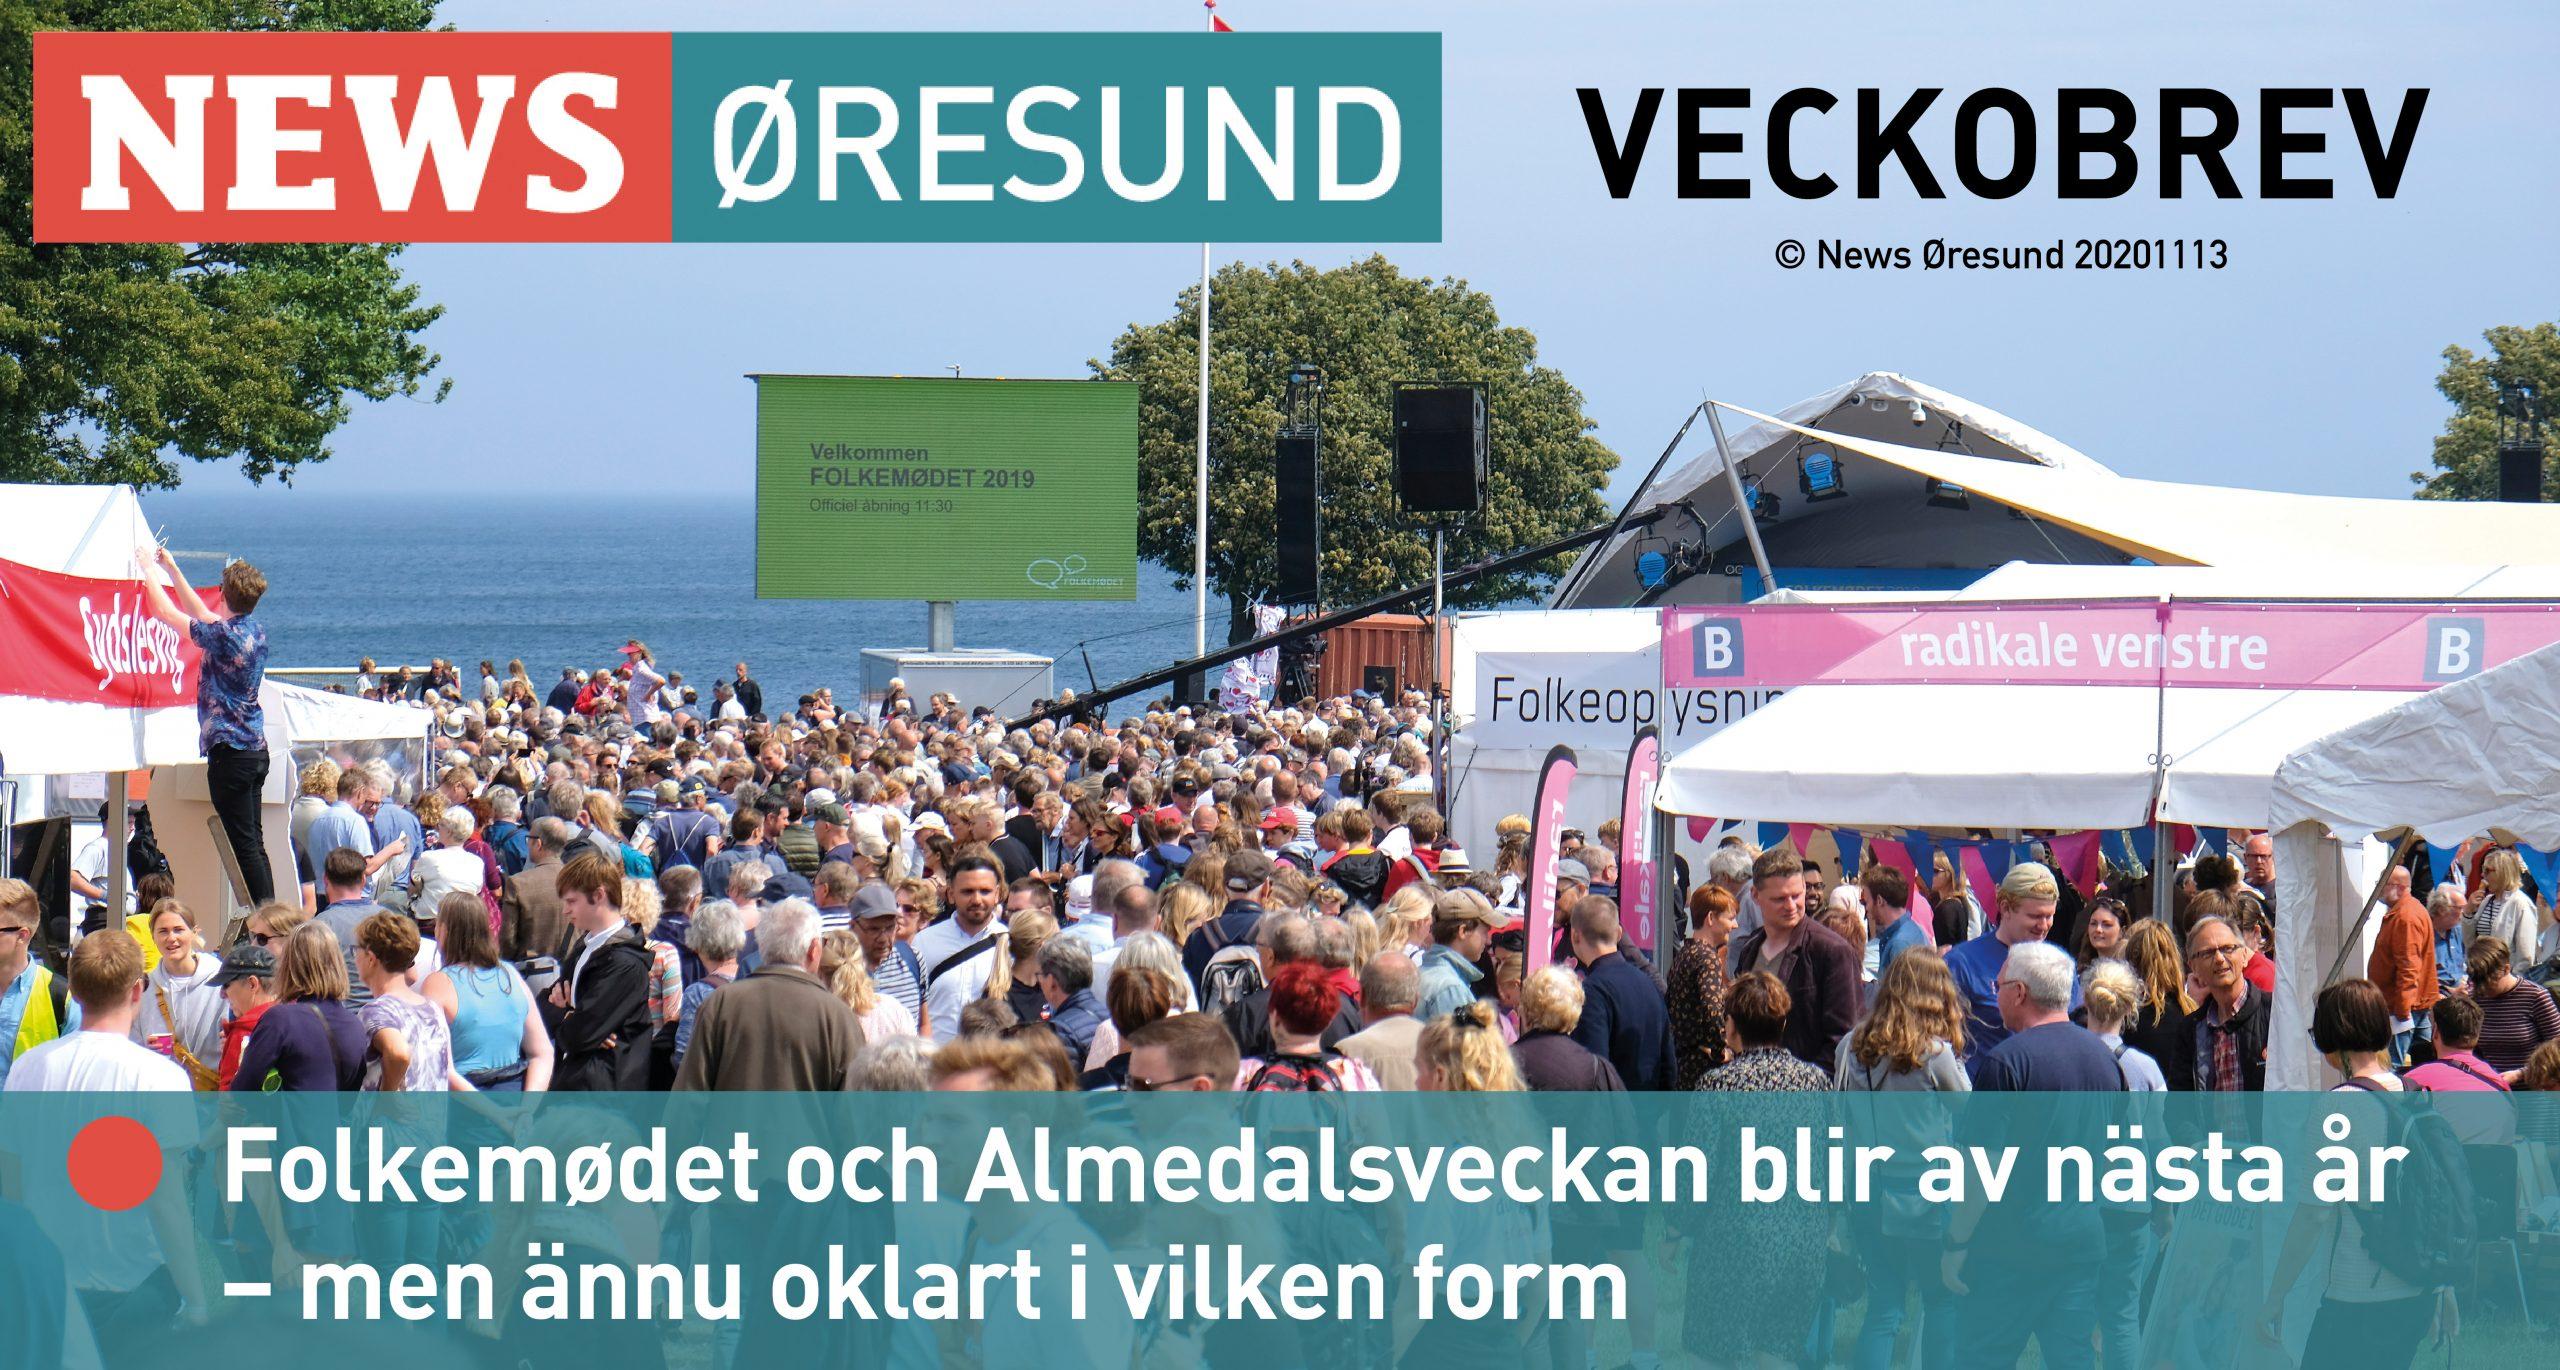 20201113 Veckobrev News Oresund 46